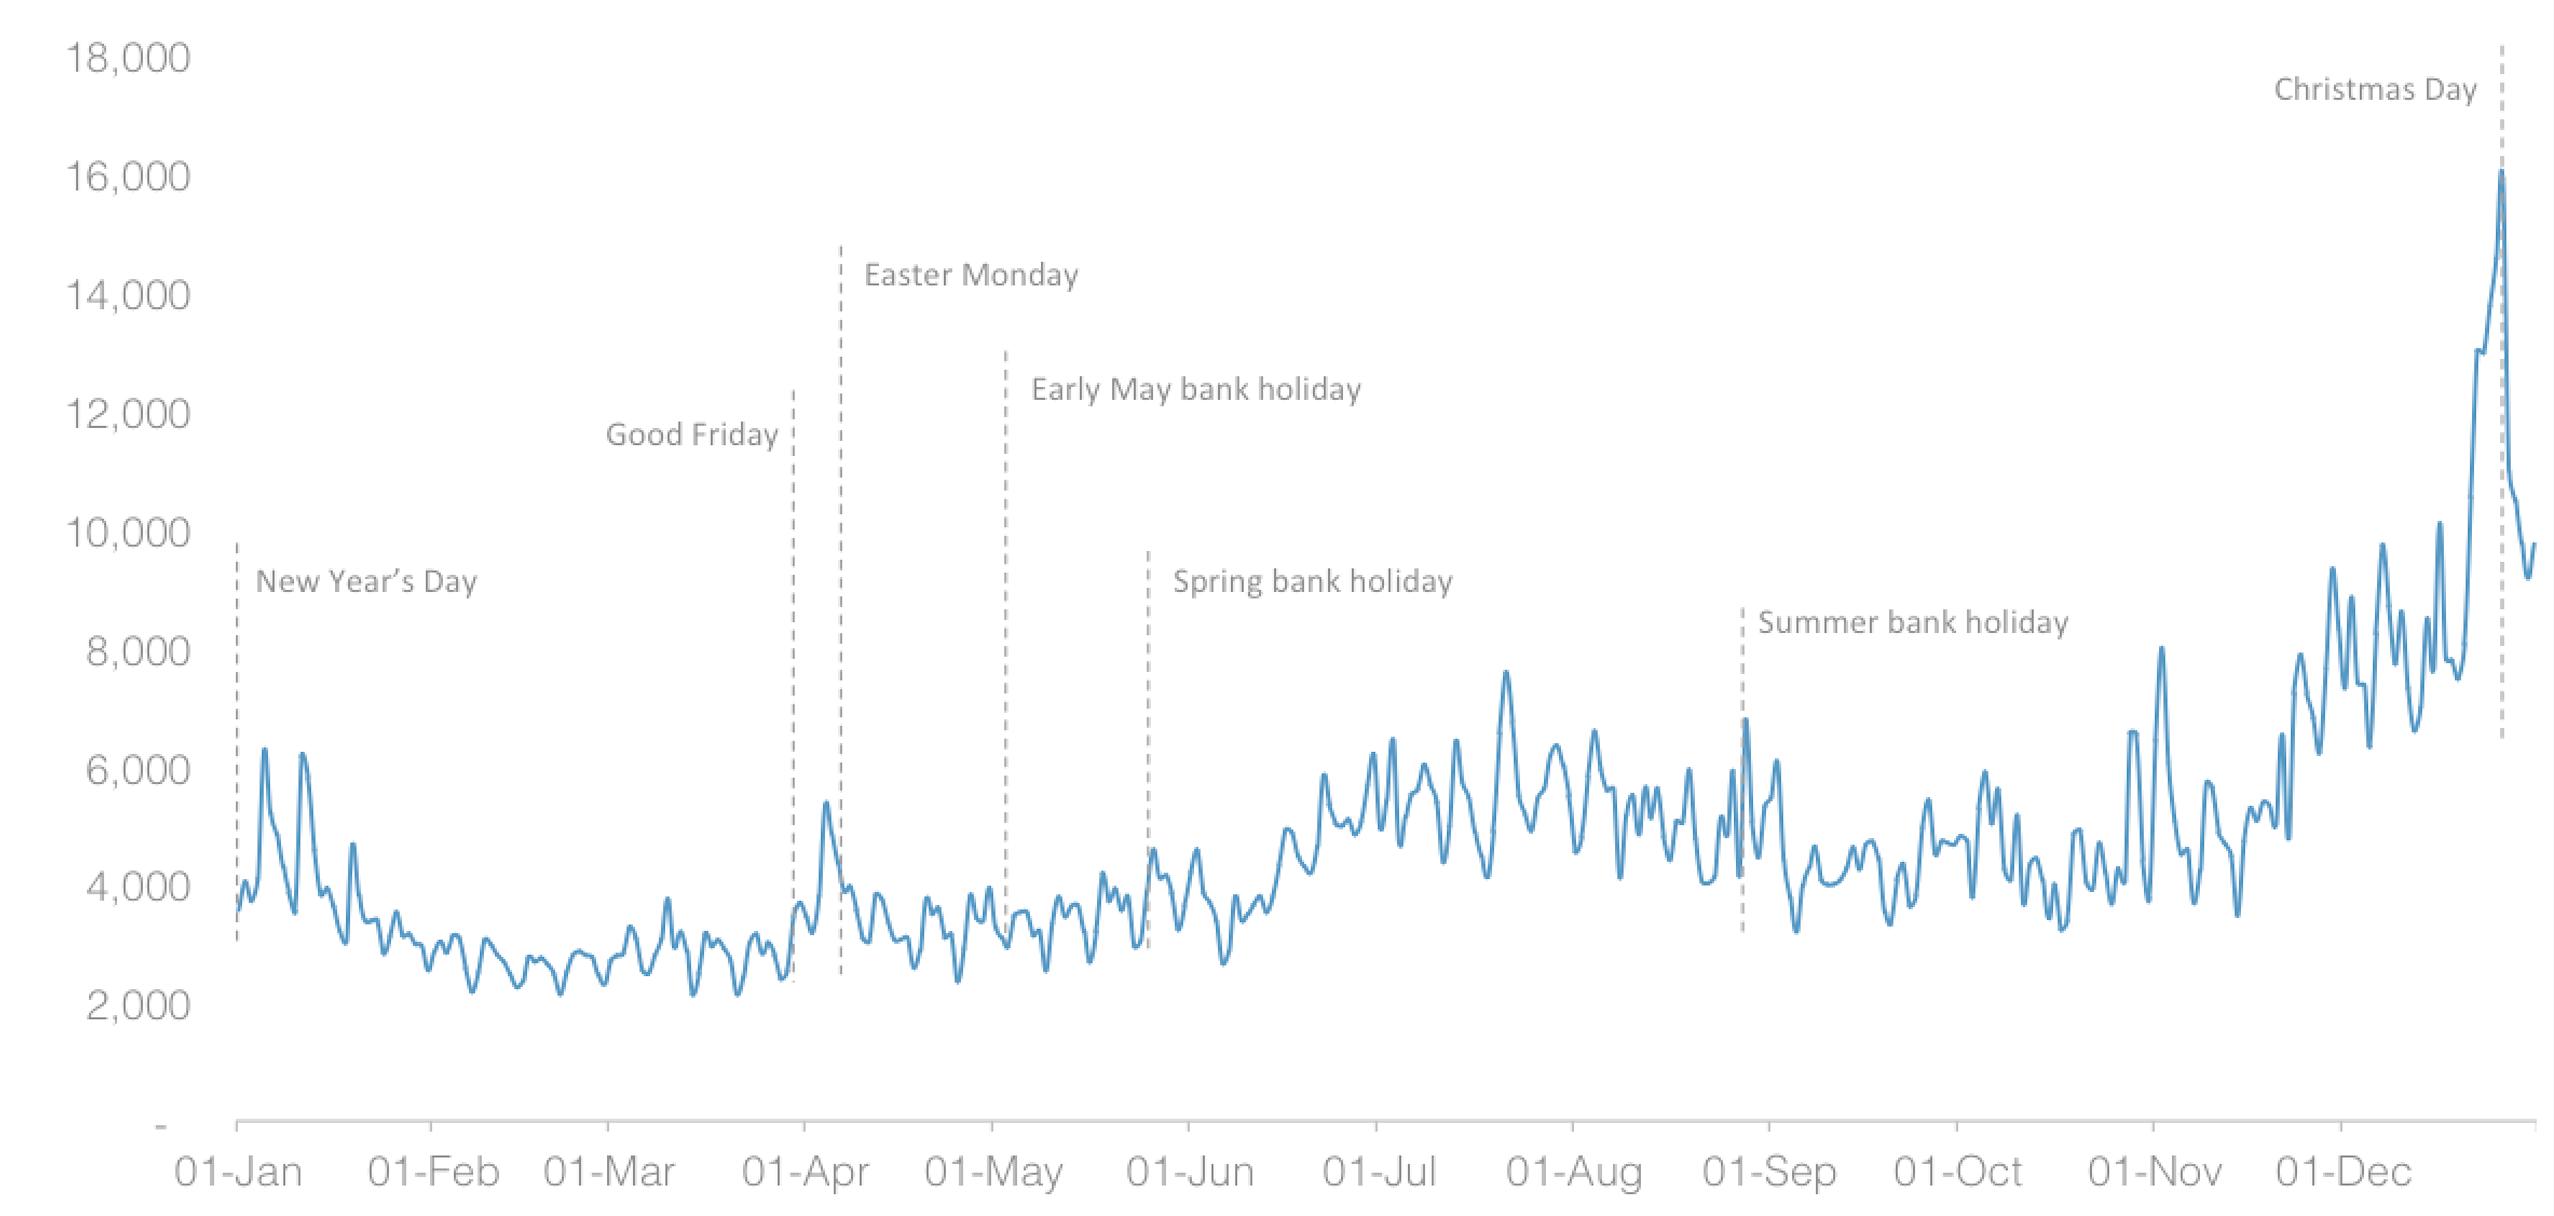 Volumes of holiday social media mentions kick starts holiday chatter